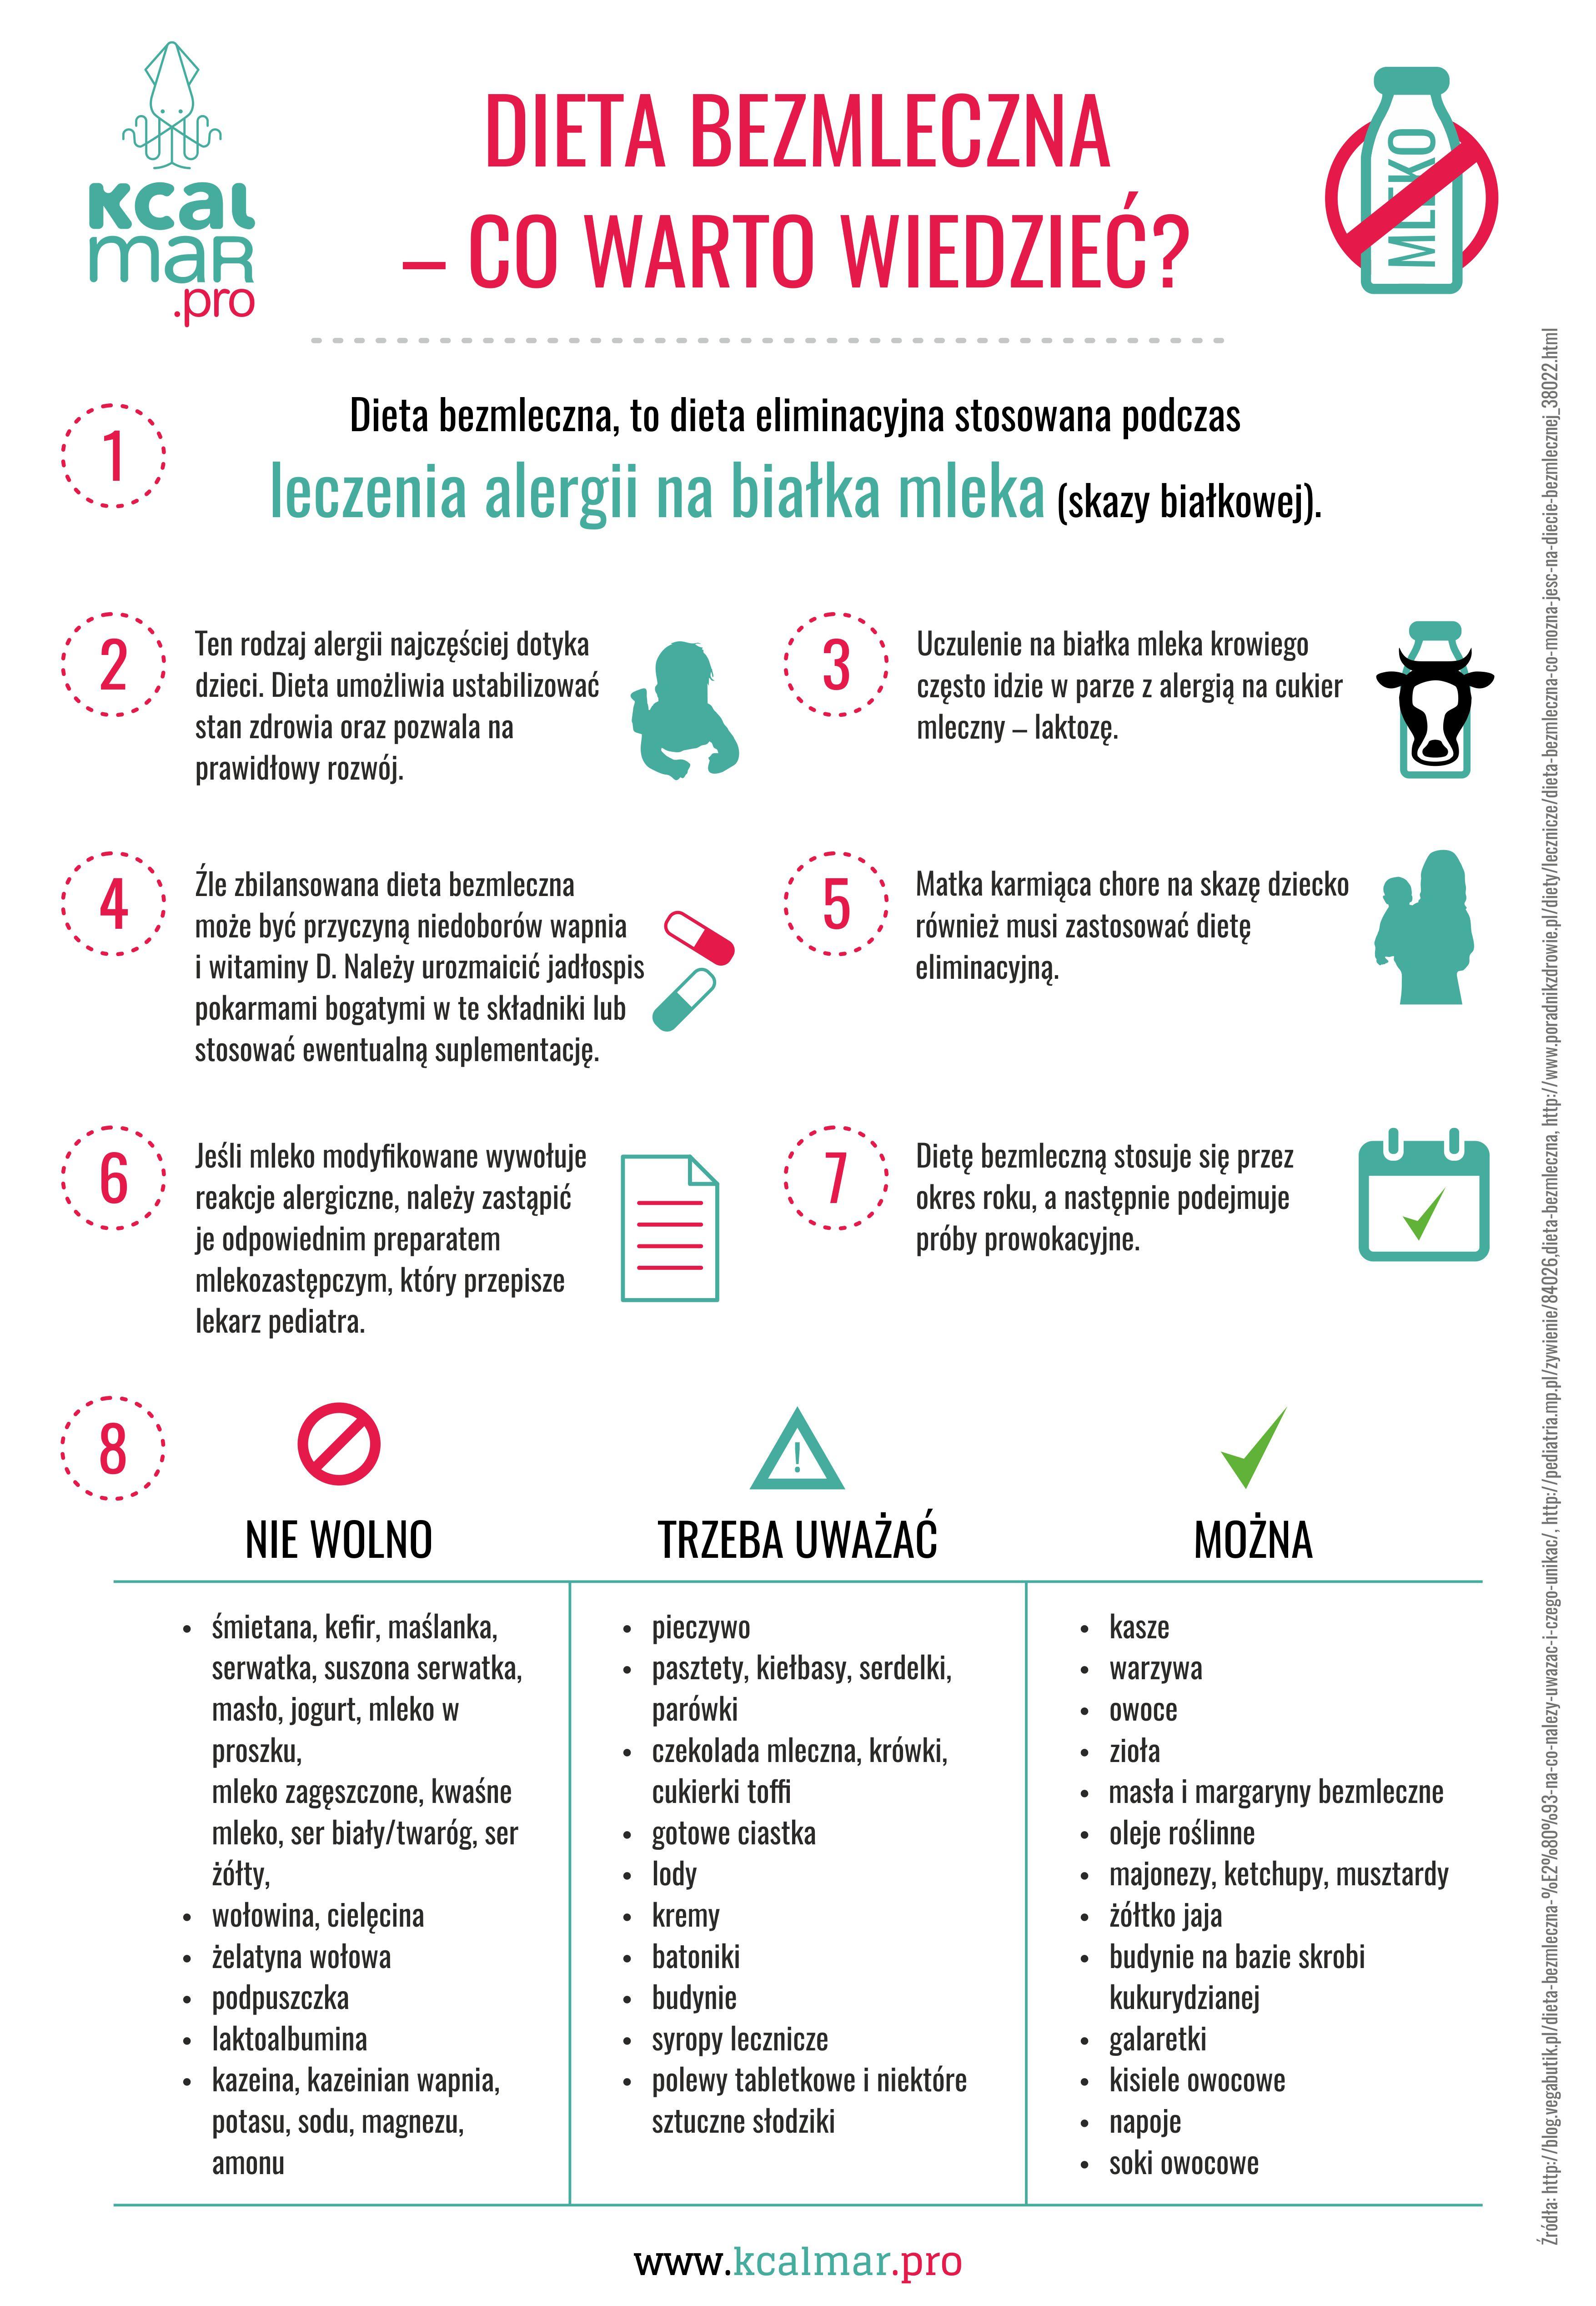 Dieta Bezmleczna Co Warto Wiedziec Dietetyczne Grafiki W 2019